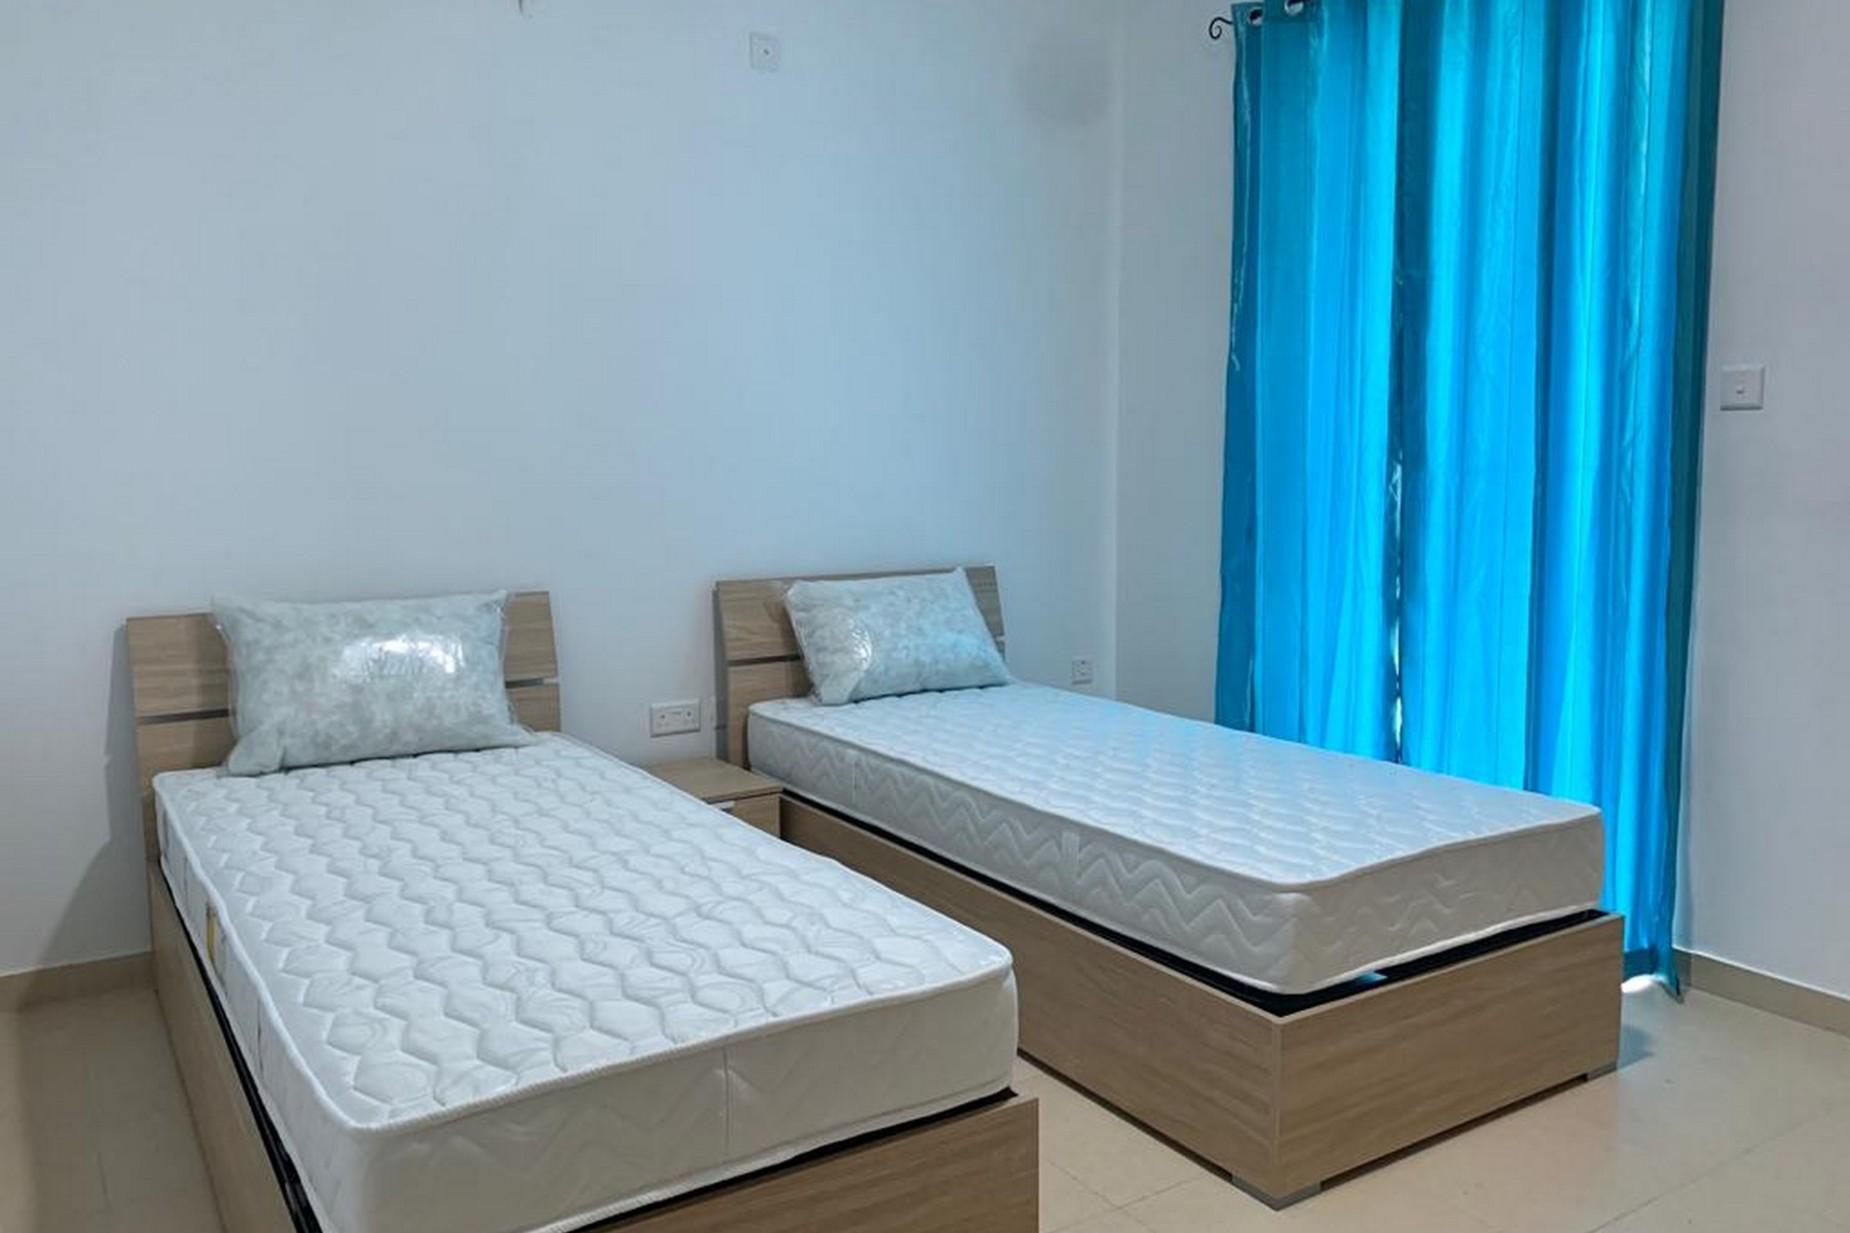 3 bed Apartment For Rent in Qormi, Qormi - thumb 7